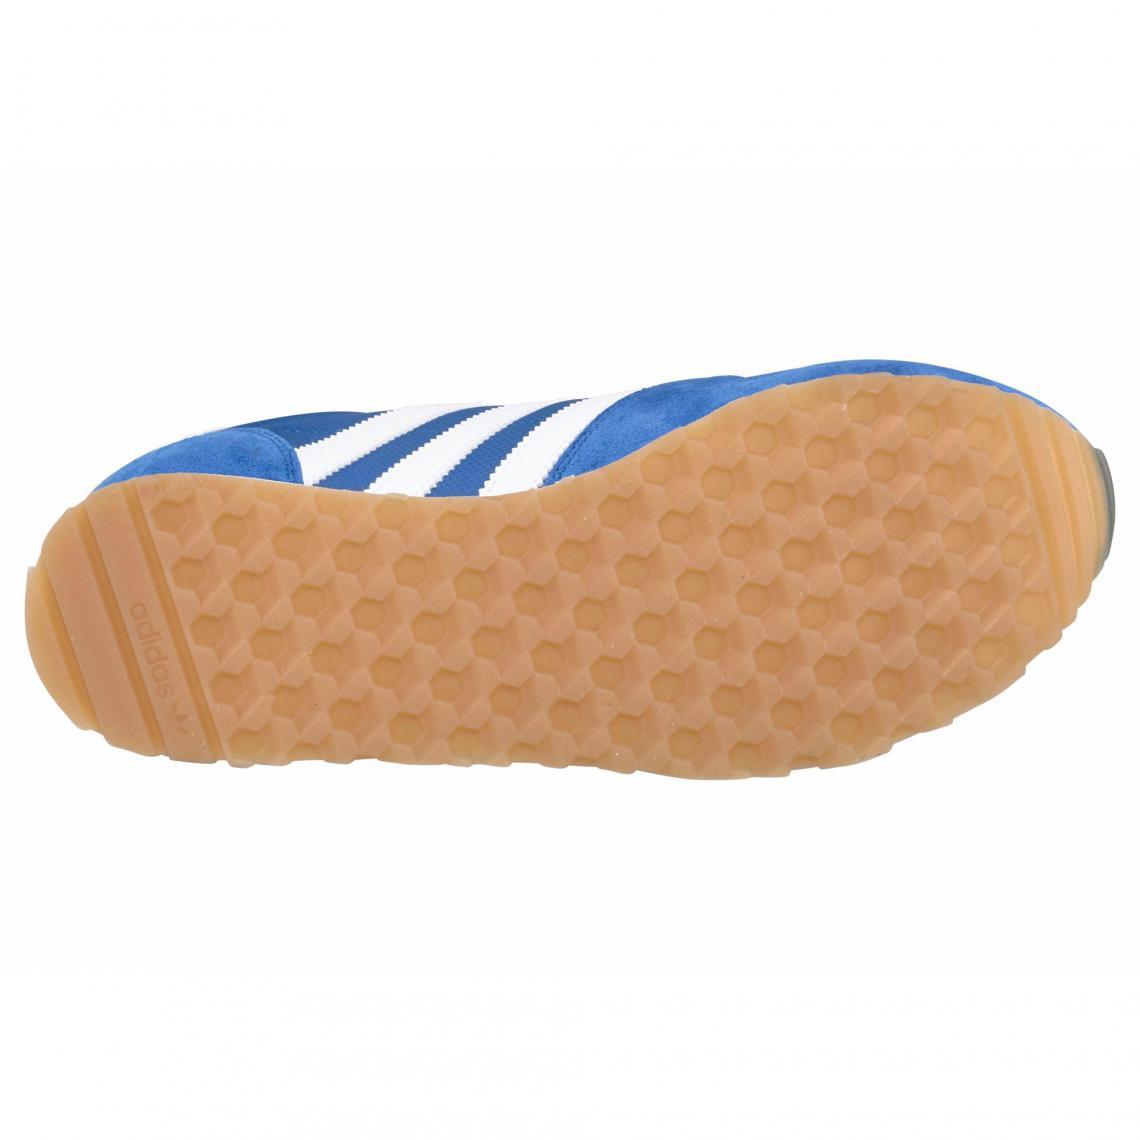 d1940d92924 adidas Originals Haven sneakers homme - Bleu - Blanc Adidas Originals